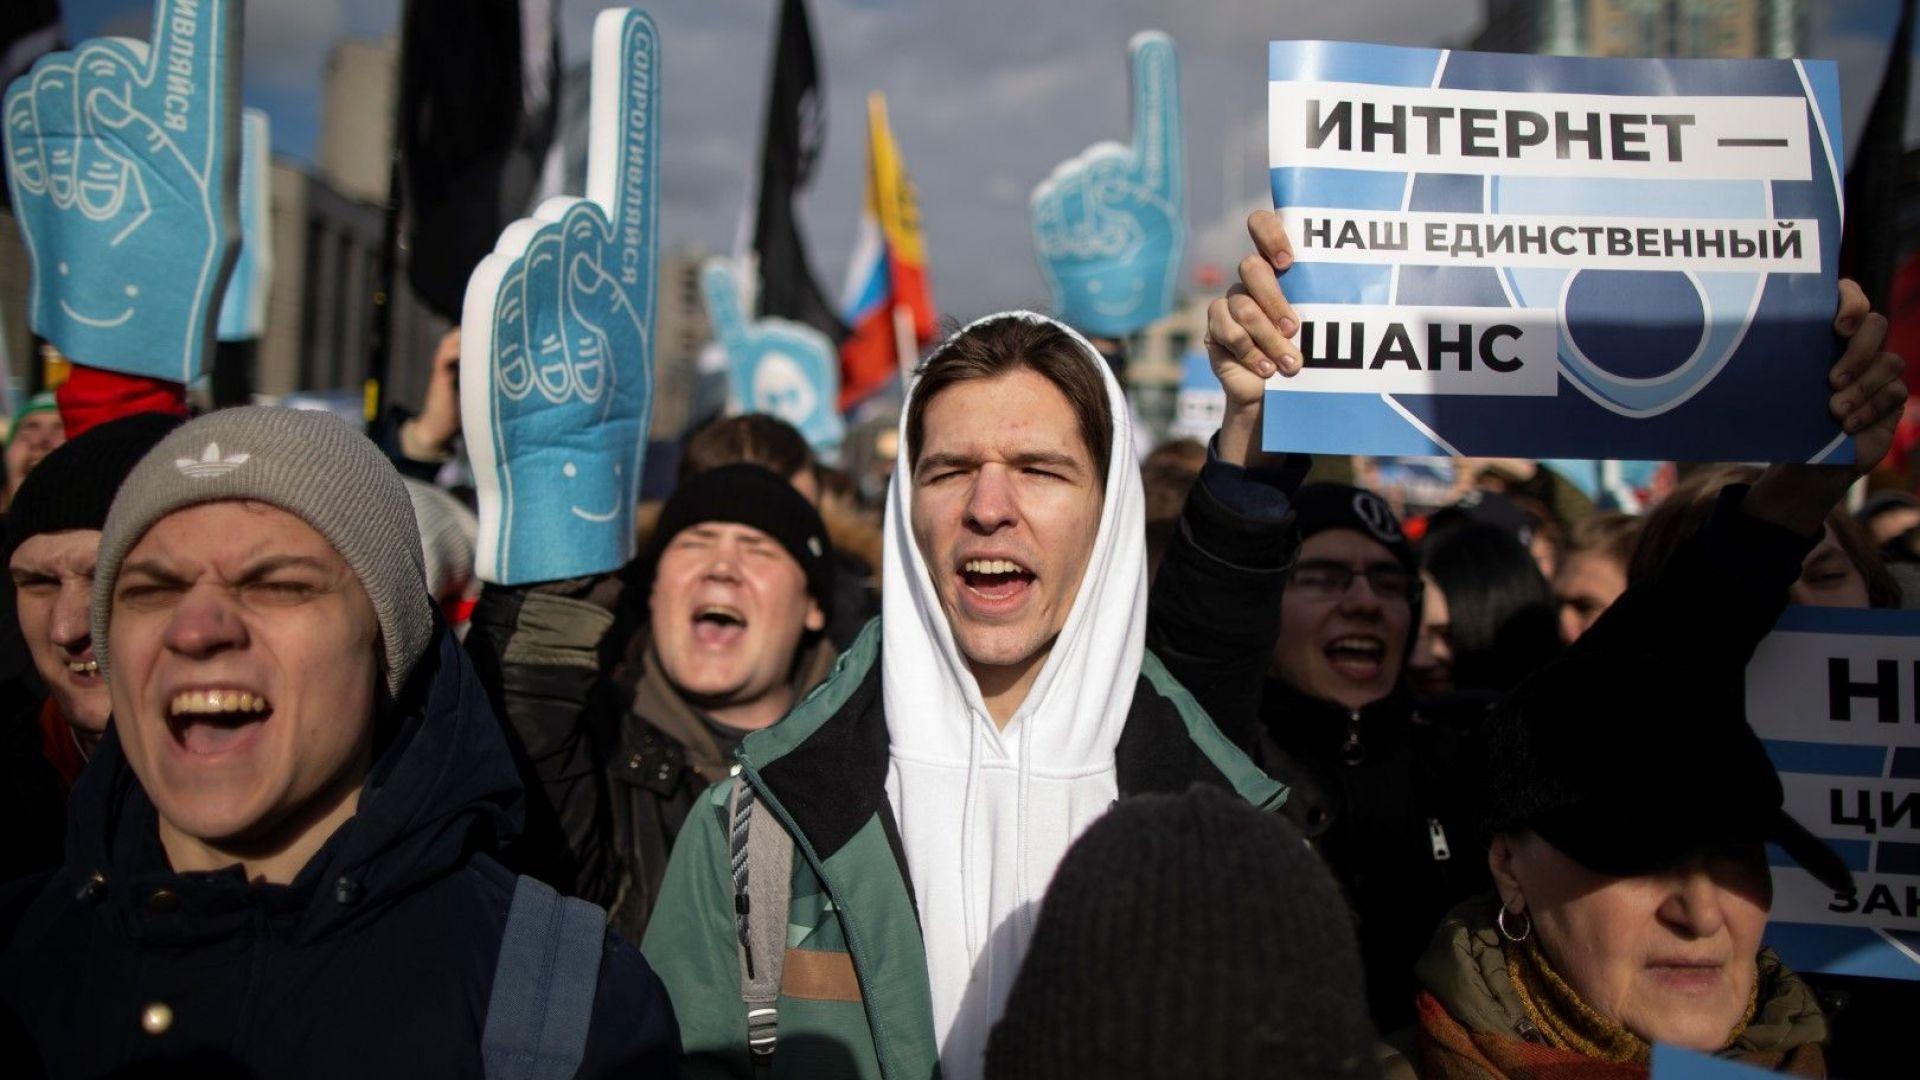 Хиляди протестираха в Русия срещу проектозакон за независим от чуждестранни сървъри интернет